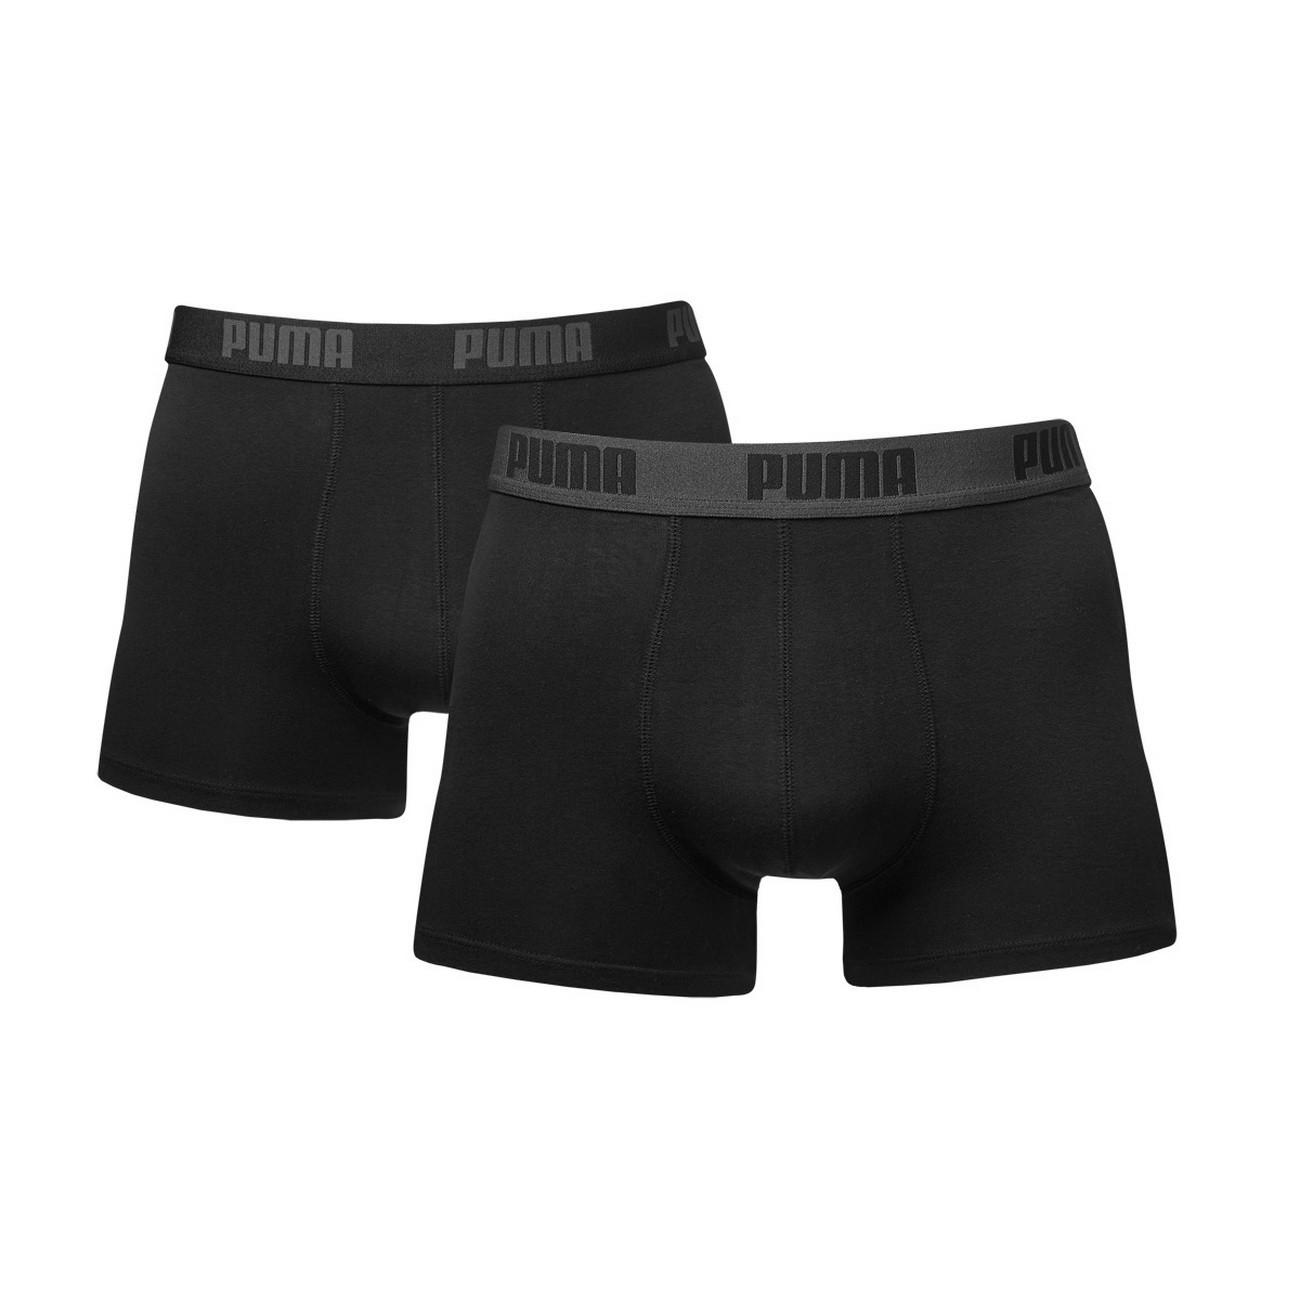 Puma Herren Basic Boxer Boxershort 2er Pack